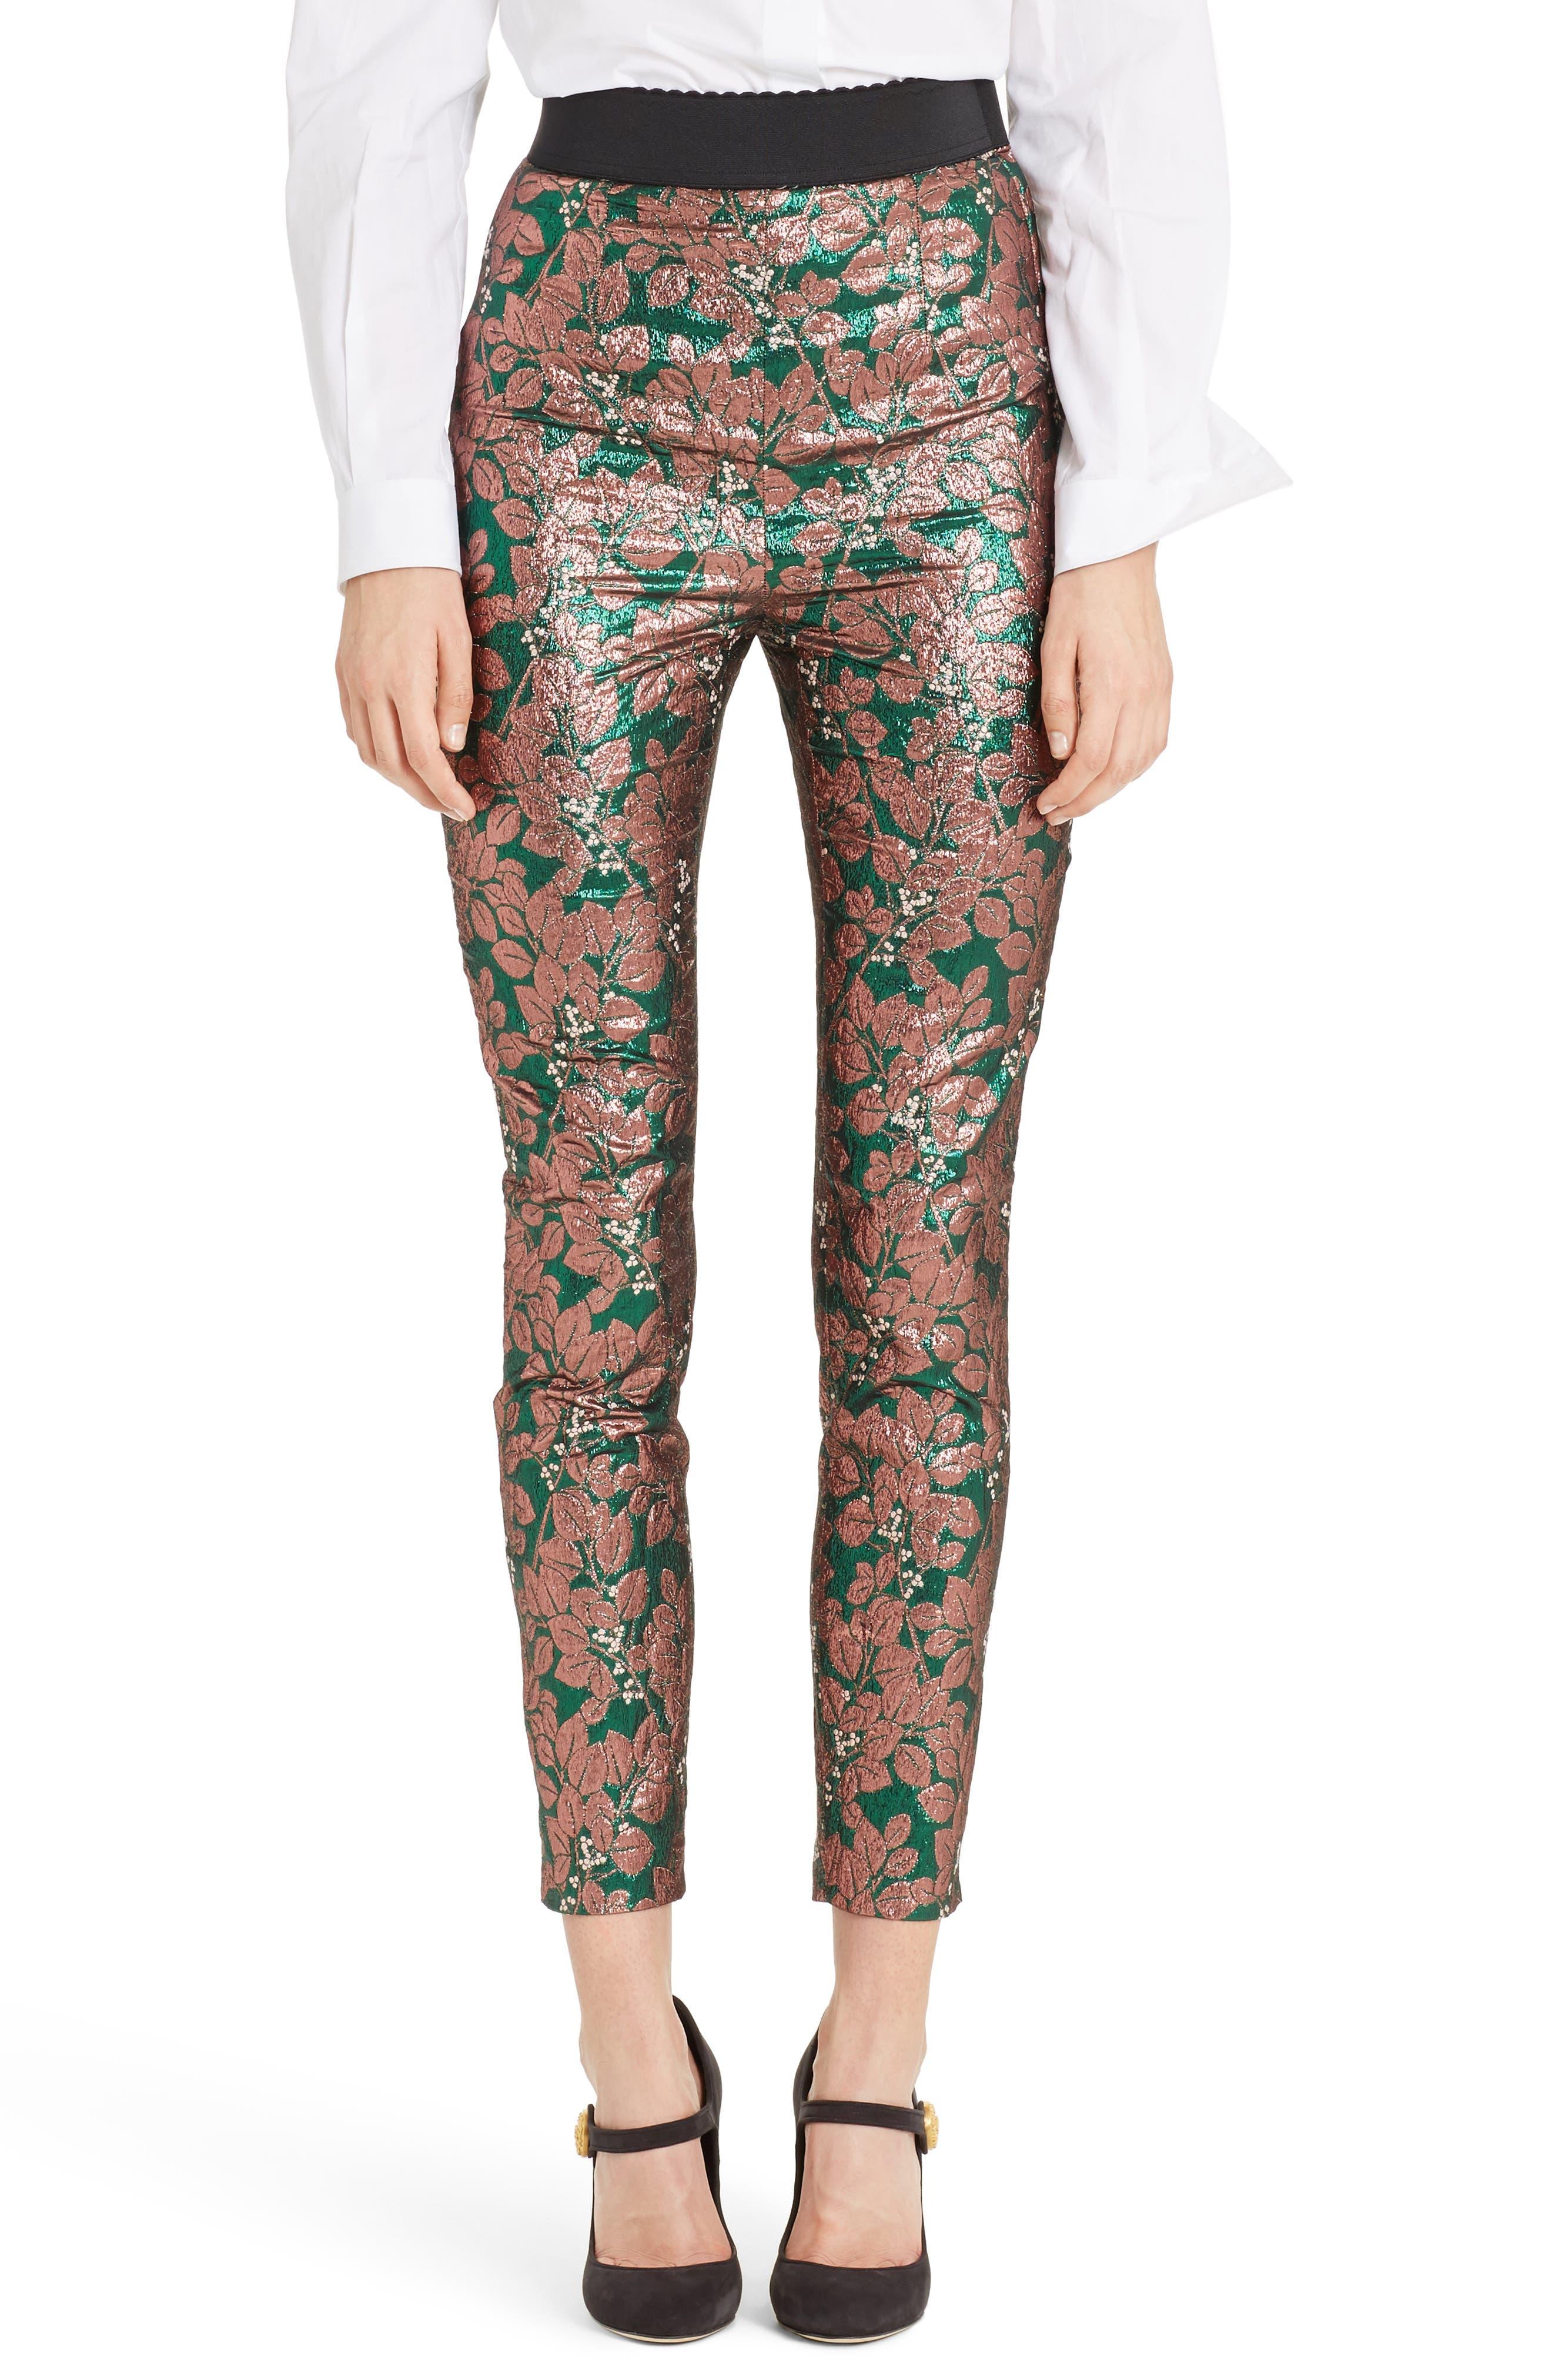 Dolce&Gabbana Metallic Jacquard Leggings